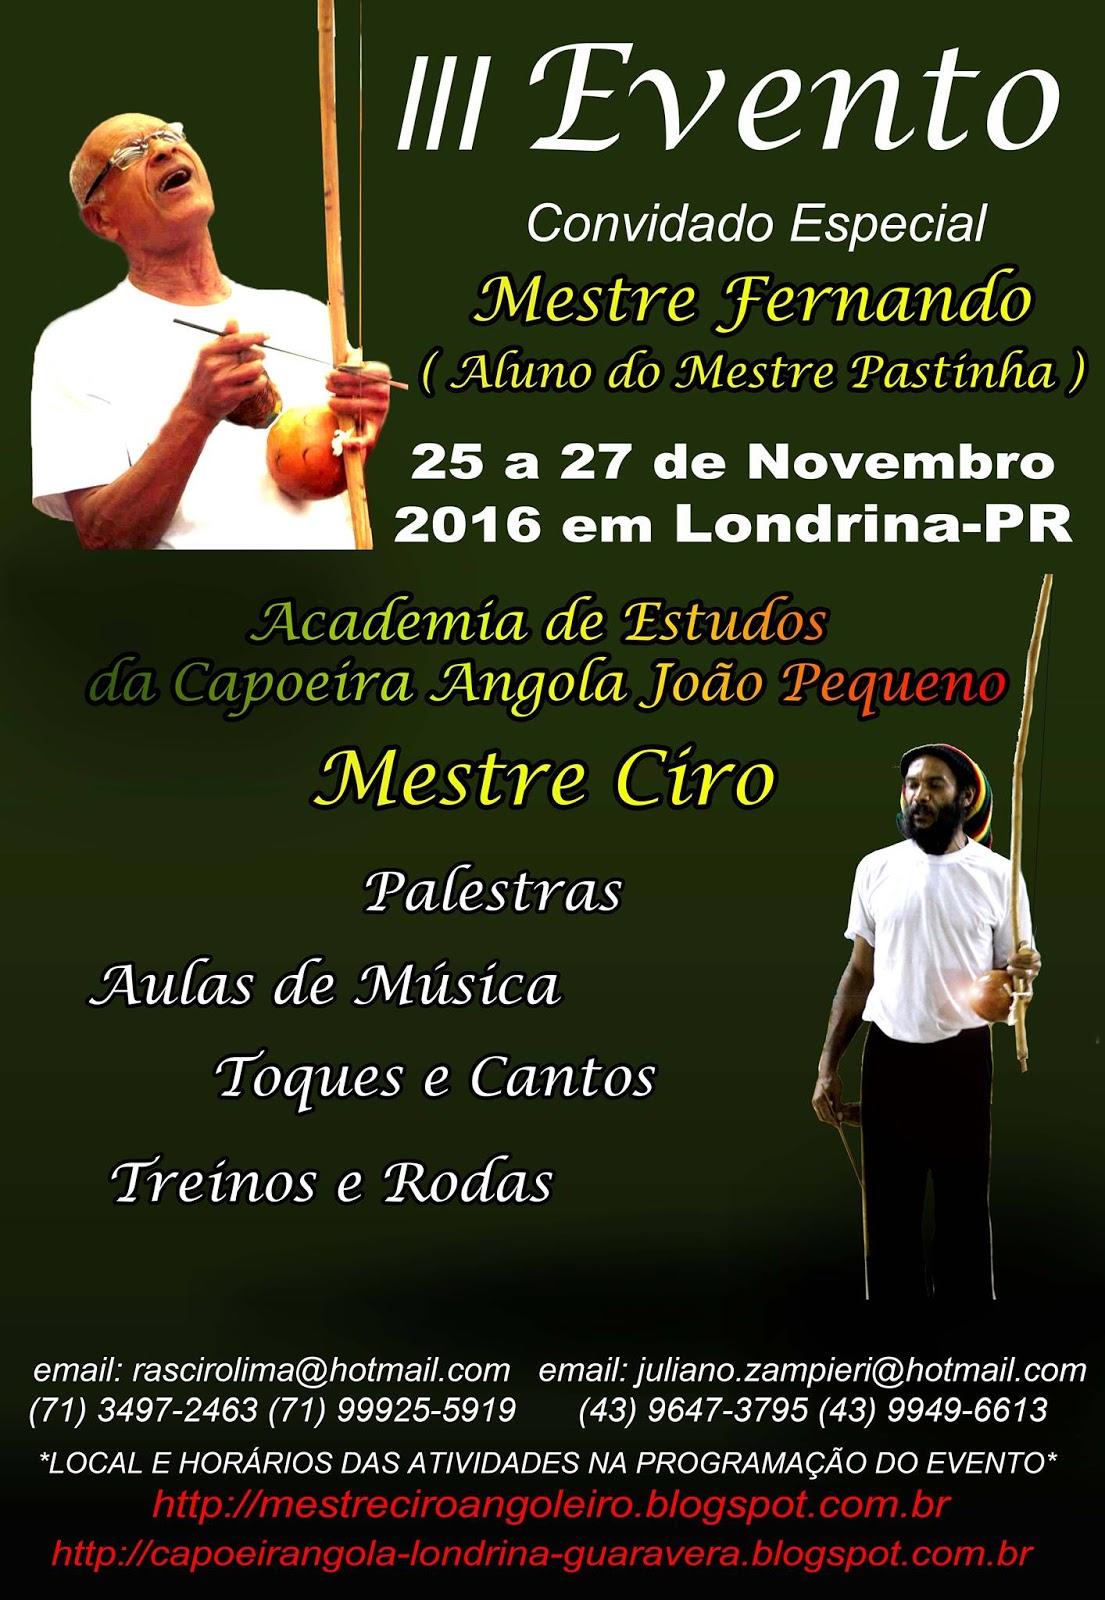 Evento con Mestre Ciro y Mestre Fernando en Londrina-Gauravera (Brasil)